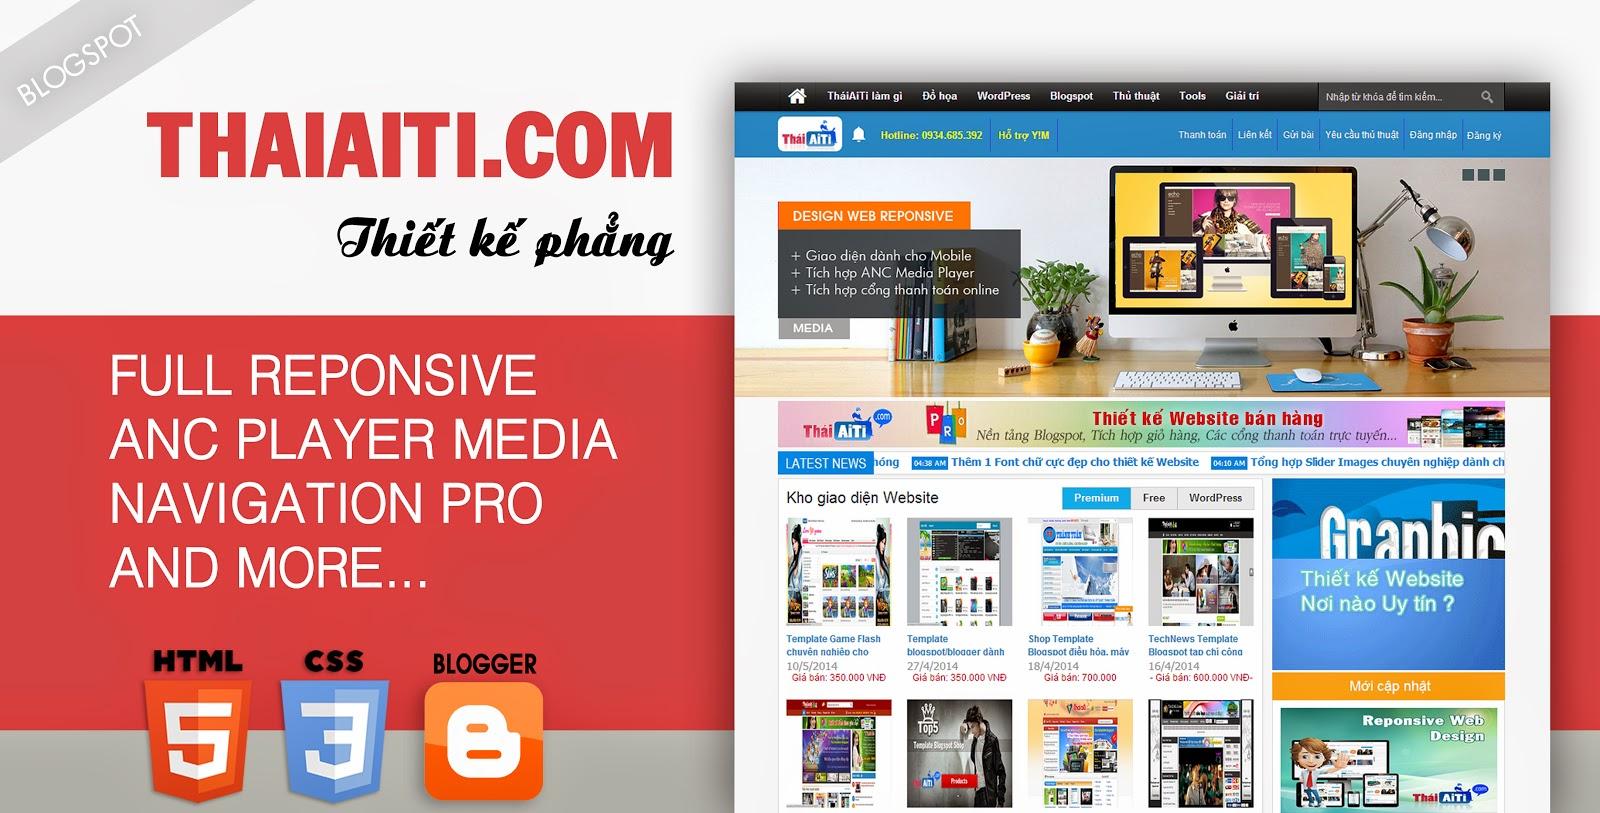 Trải nghiệm cùng ThaiAiTi.com 1 xu hướng thiết kế Website mới